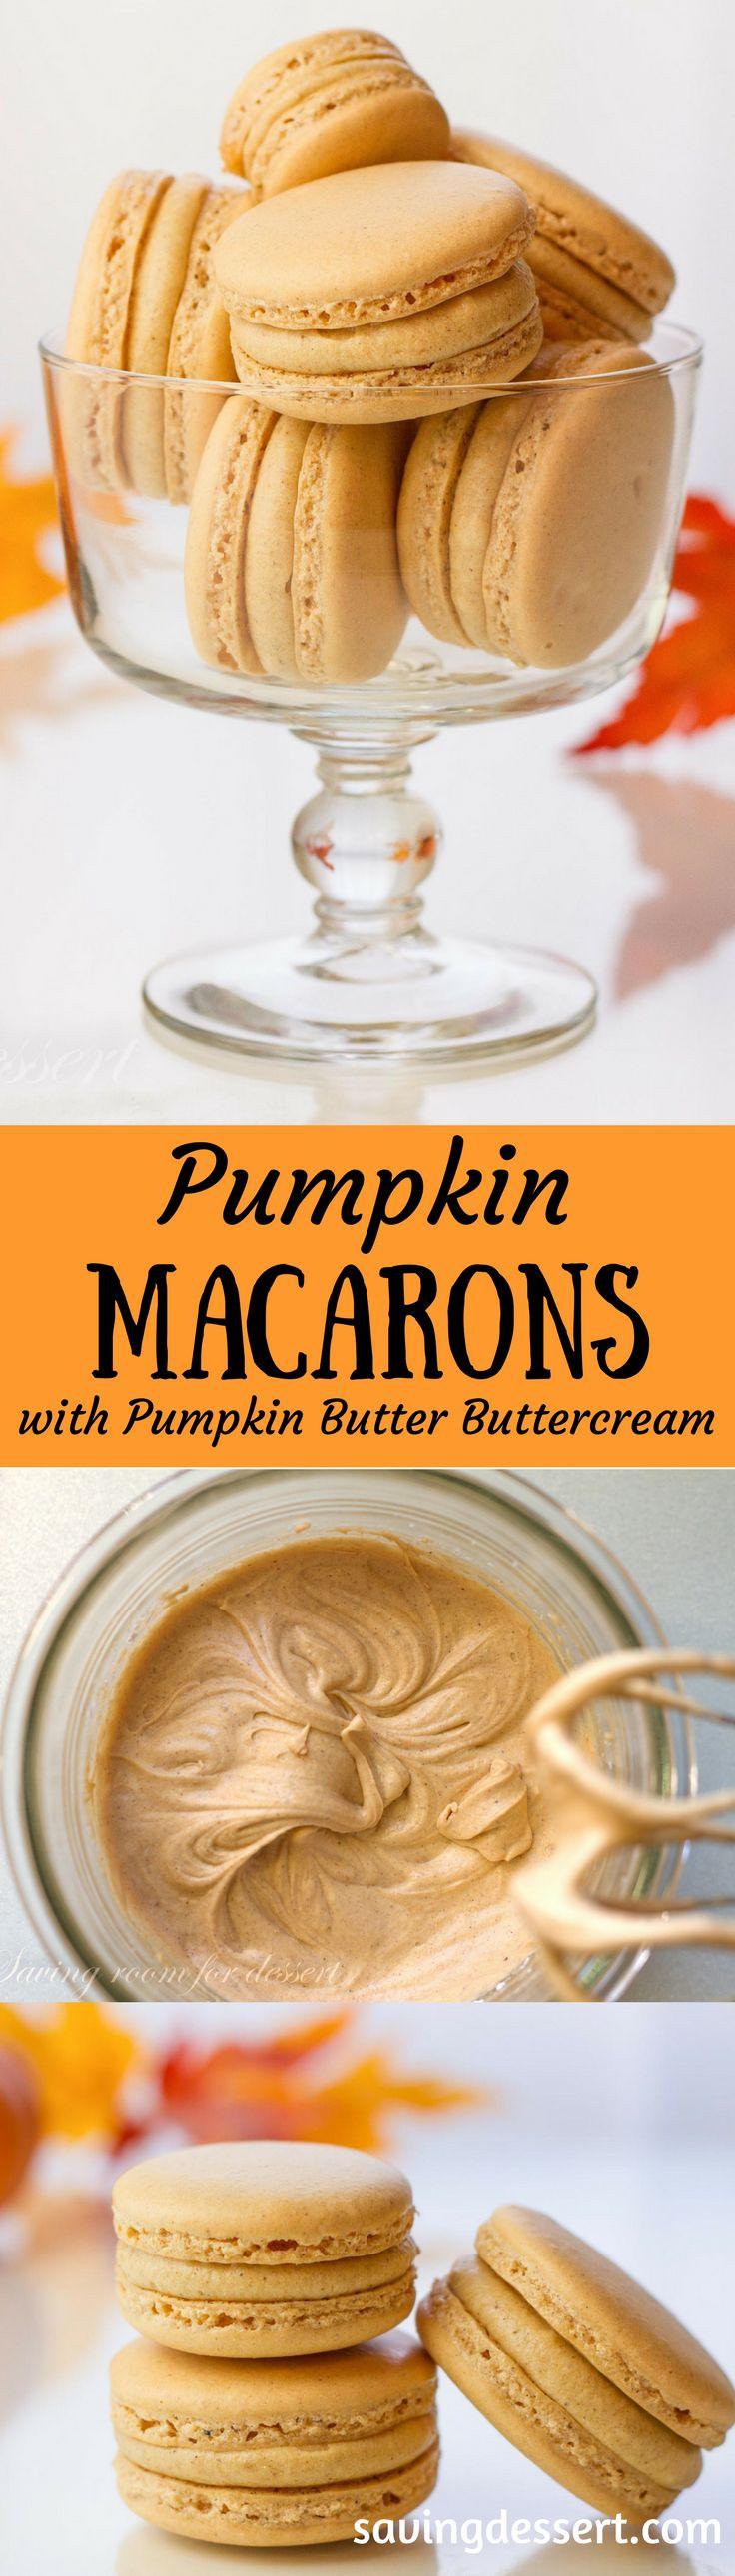 Pumpkin Macarons with Pumpkin Butter Buttercream | www.savingdessert.com